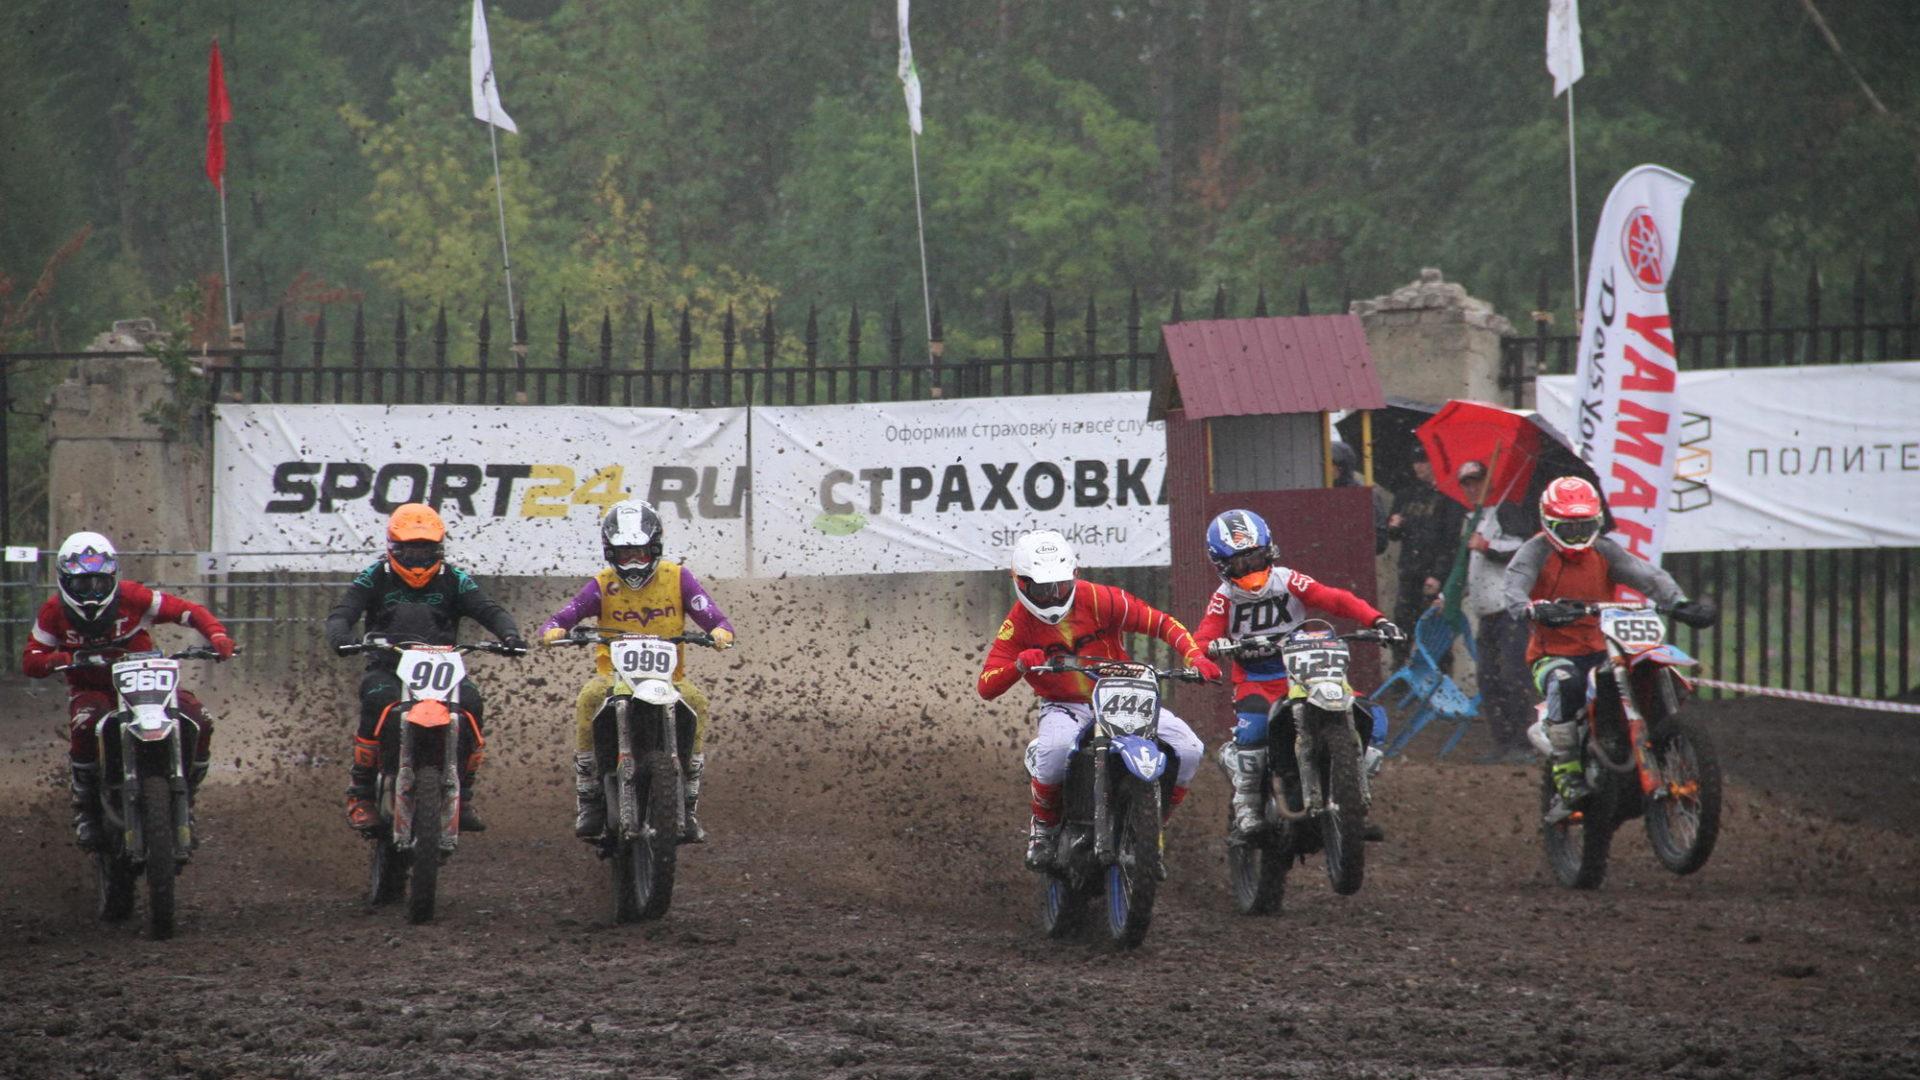 Финальный этап российского Суперкросса – в Краснодаре в эти выходные!